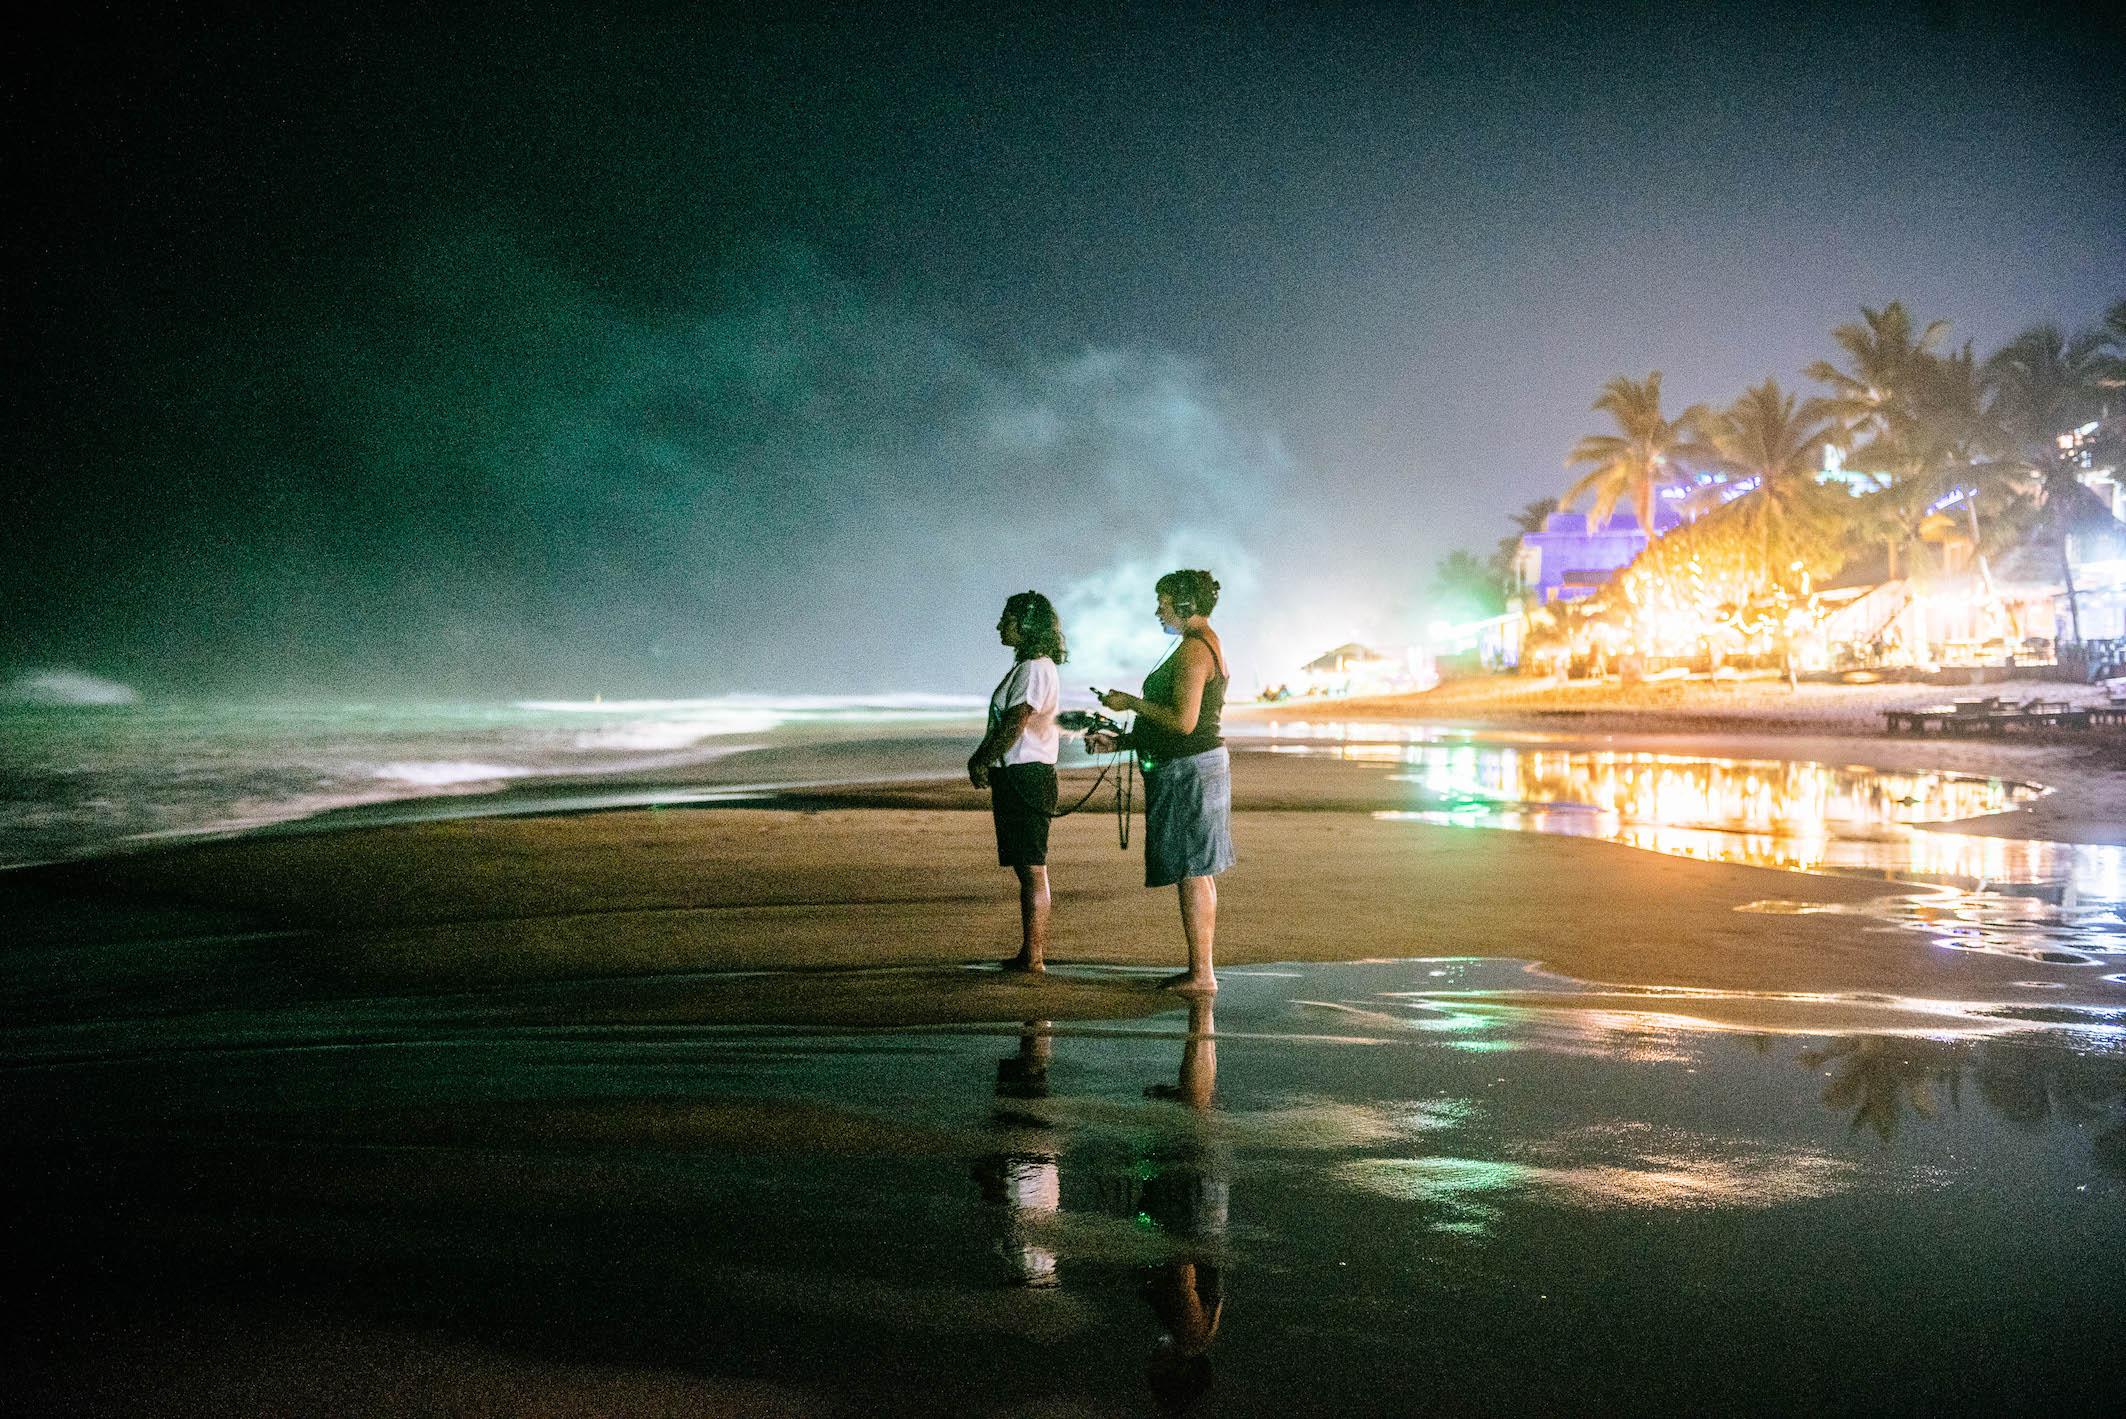 Ocean Confessions